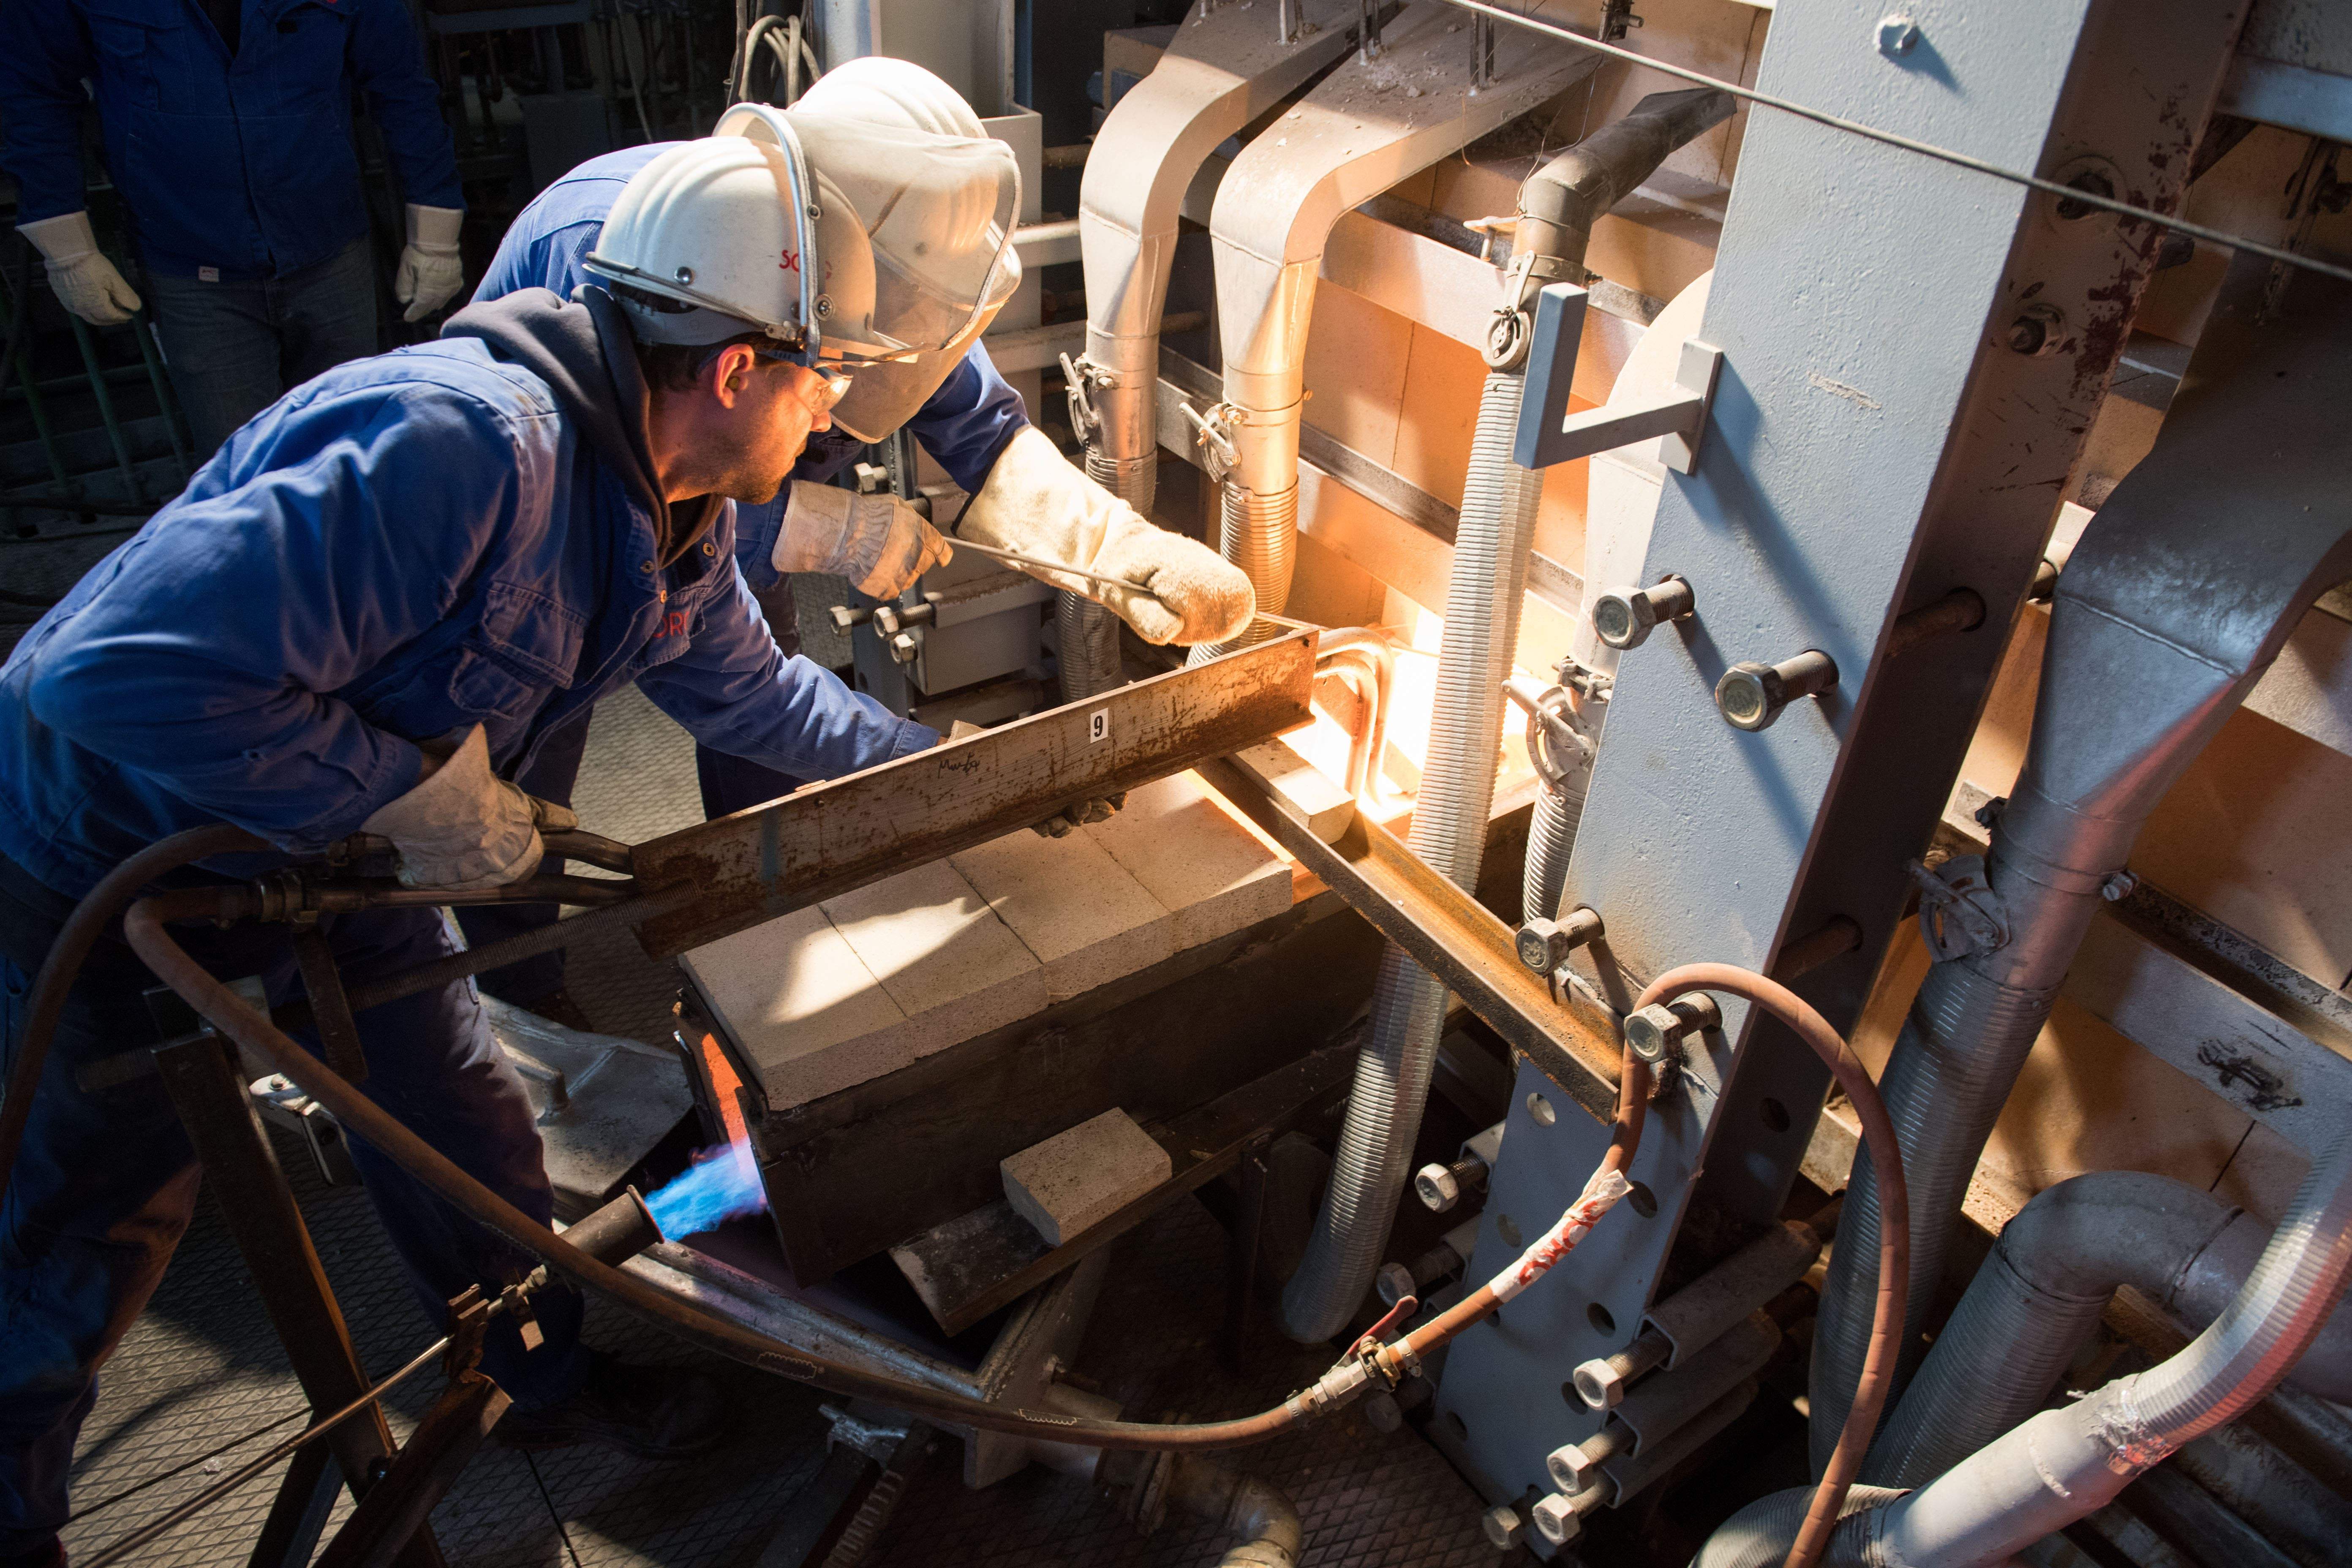 Spezialisten des deutschen Glasofenherstellers Sorg bereiten das Ablassen des flüssigen Glases vor.